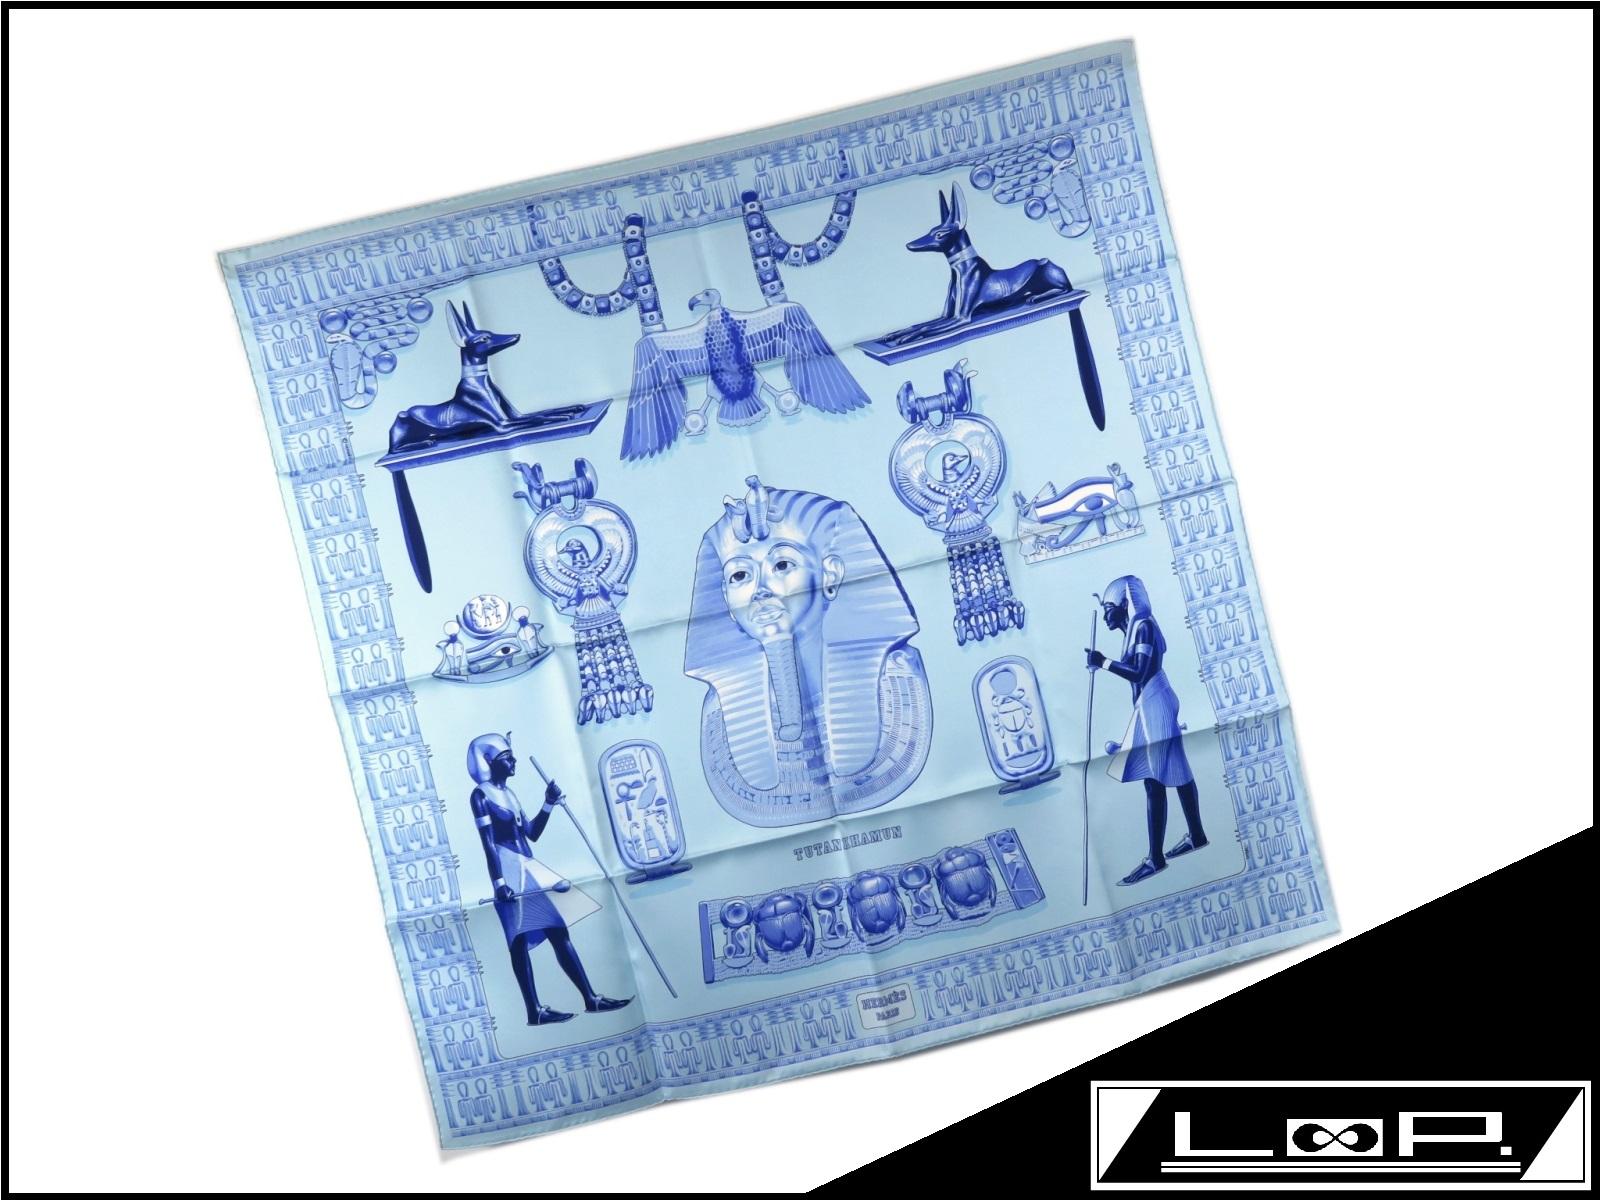 【新同】 HERMES エルメス カレ 90 TUTANKHAMUN ツタンカーメン スカーフ シルク ブルー 青 水色 【A25837】 【中古】